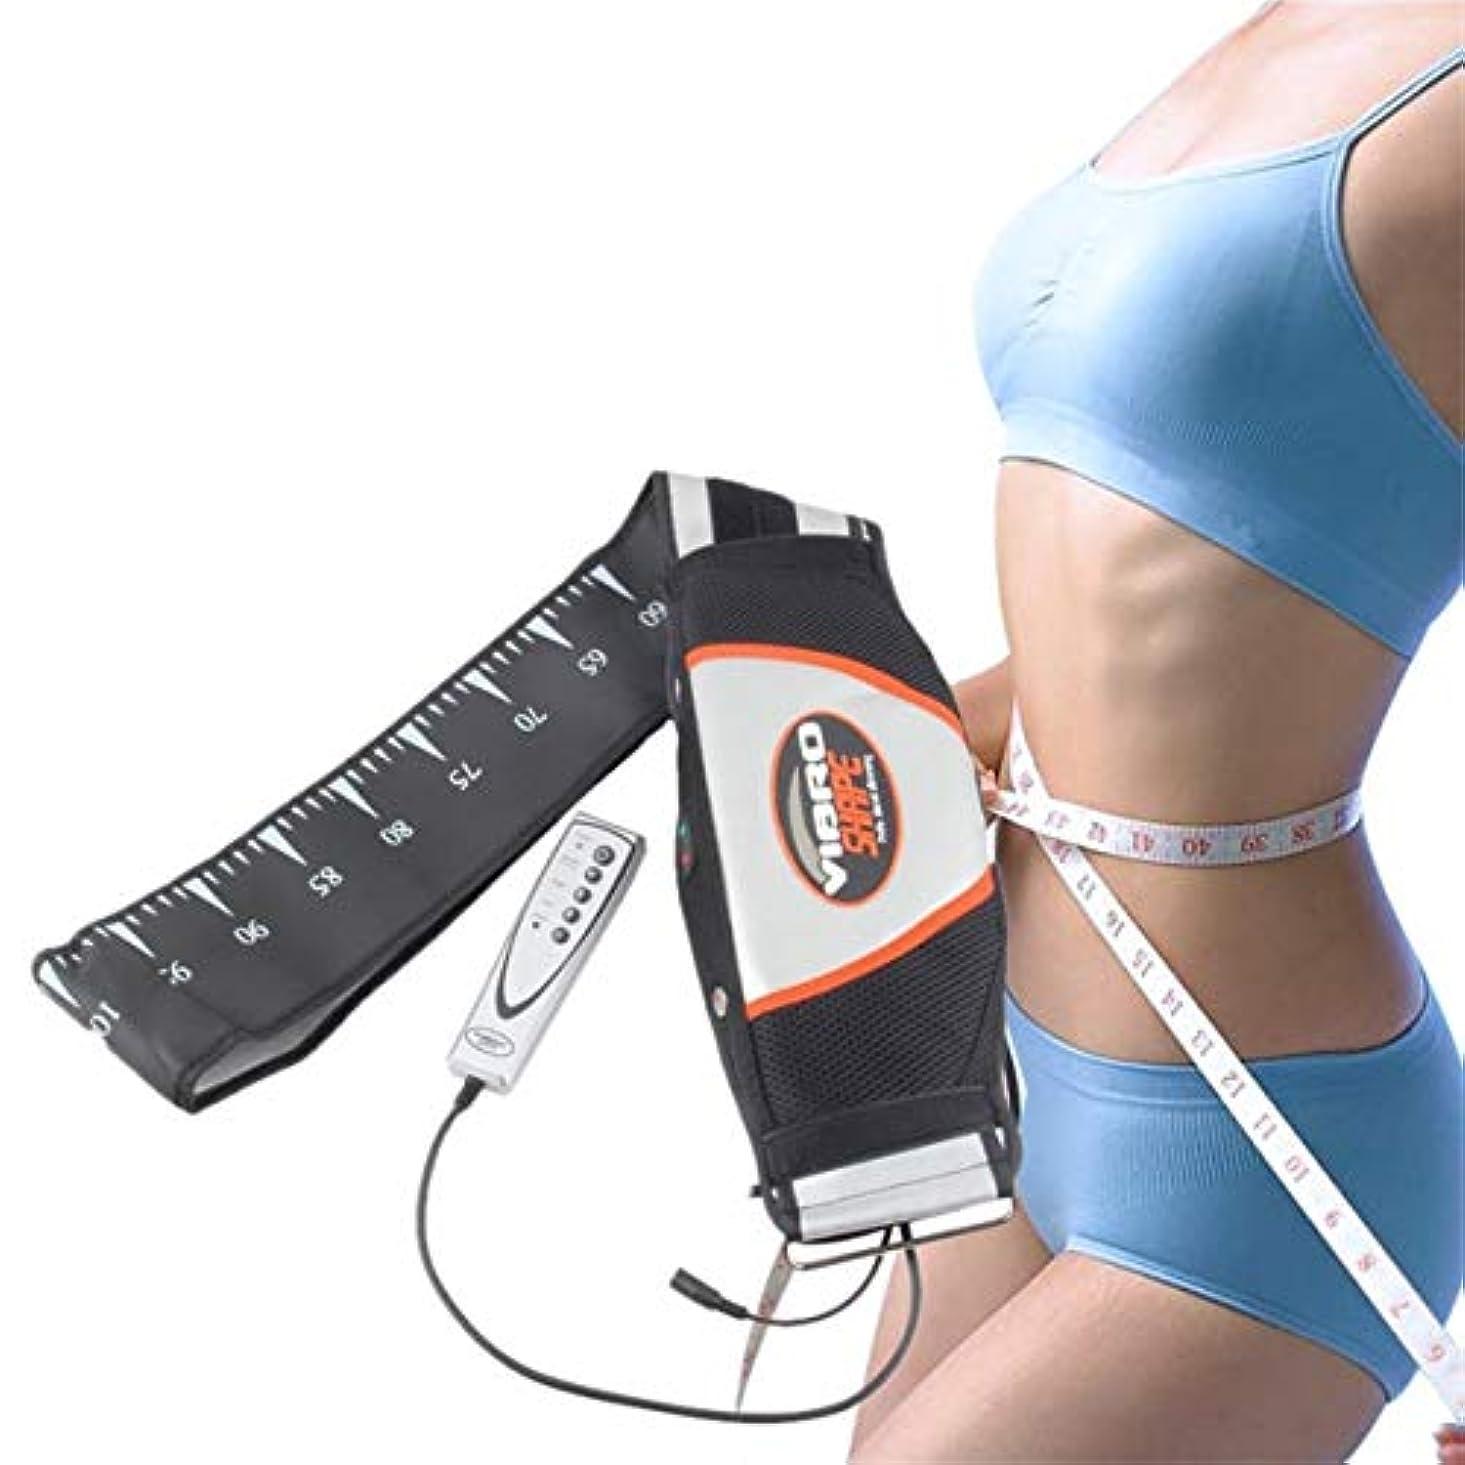 私たち自身縮れた本物Powerful Electric Vibrating Slimming Belt Vibration Massage Belt Relax Tone Vibrating Fat Burning Weight Losing...